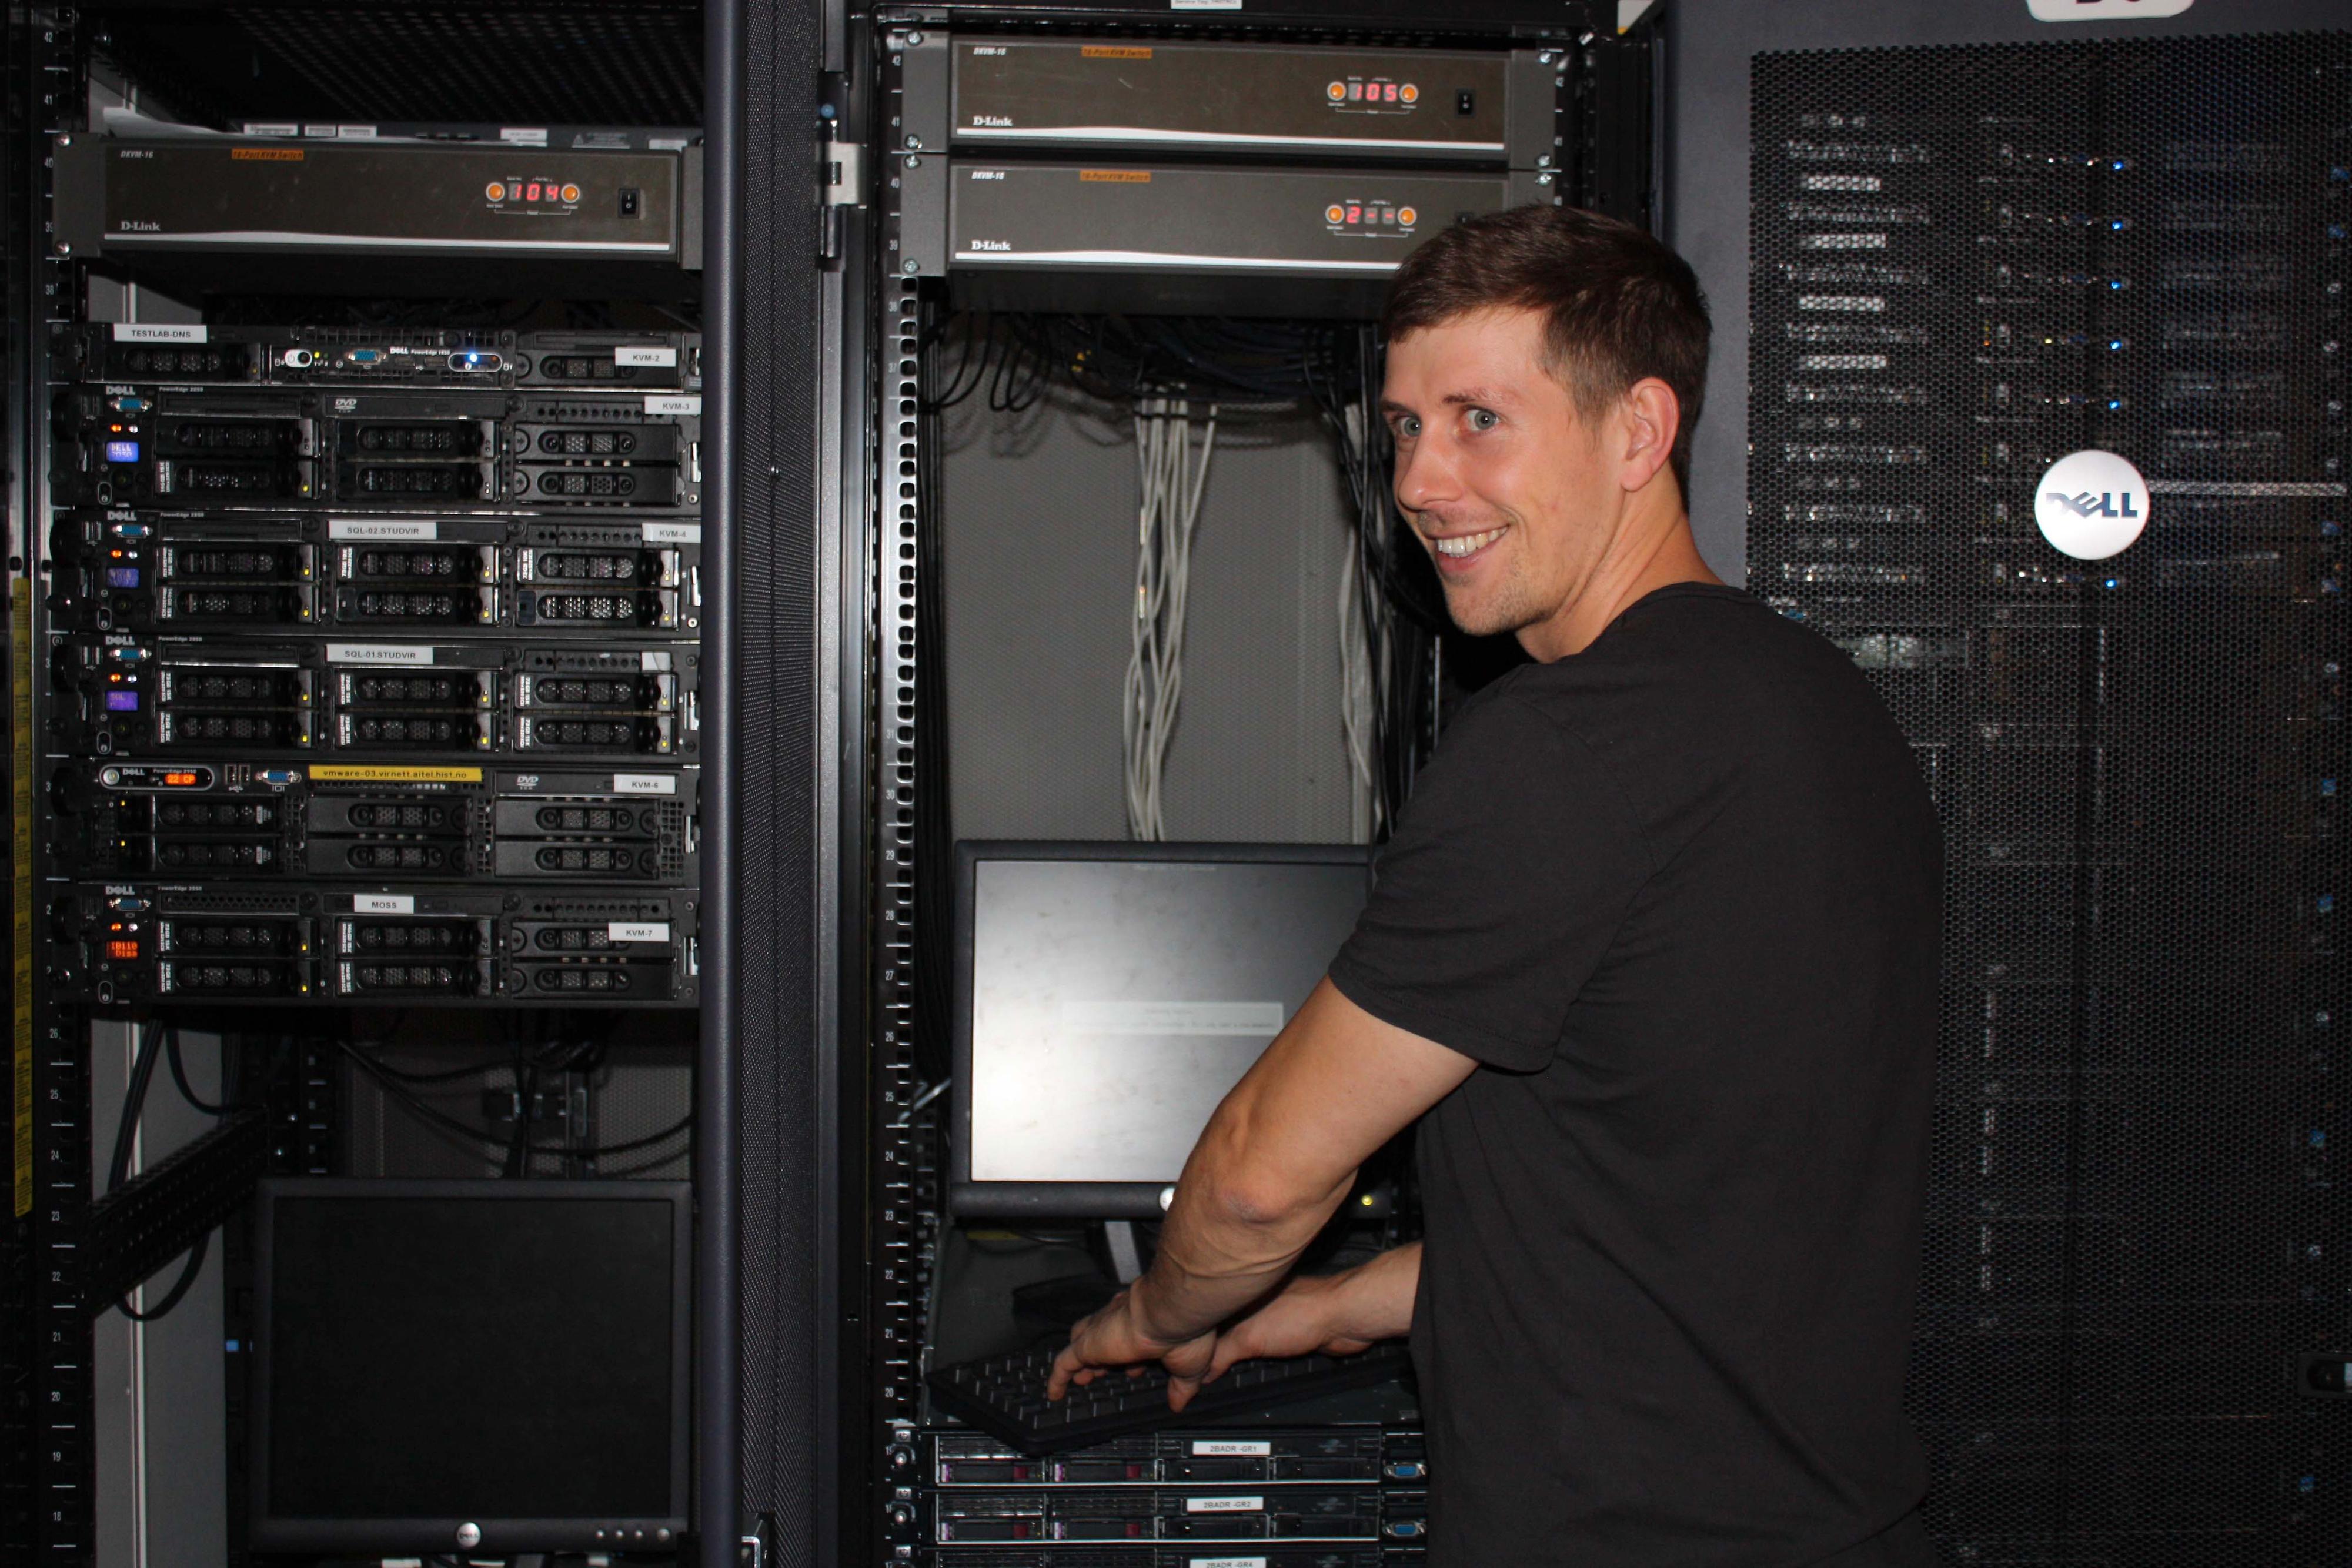 Tor Ivar Melling øver seg på serverparken.Foto: Therese Mjøen/HiST